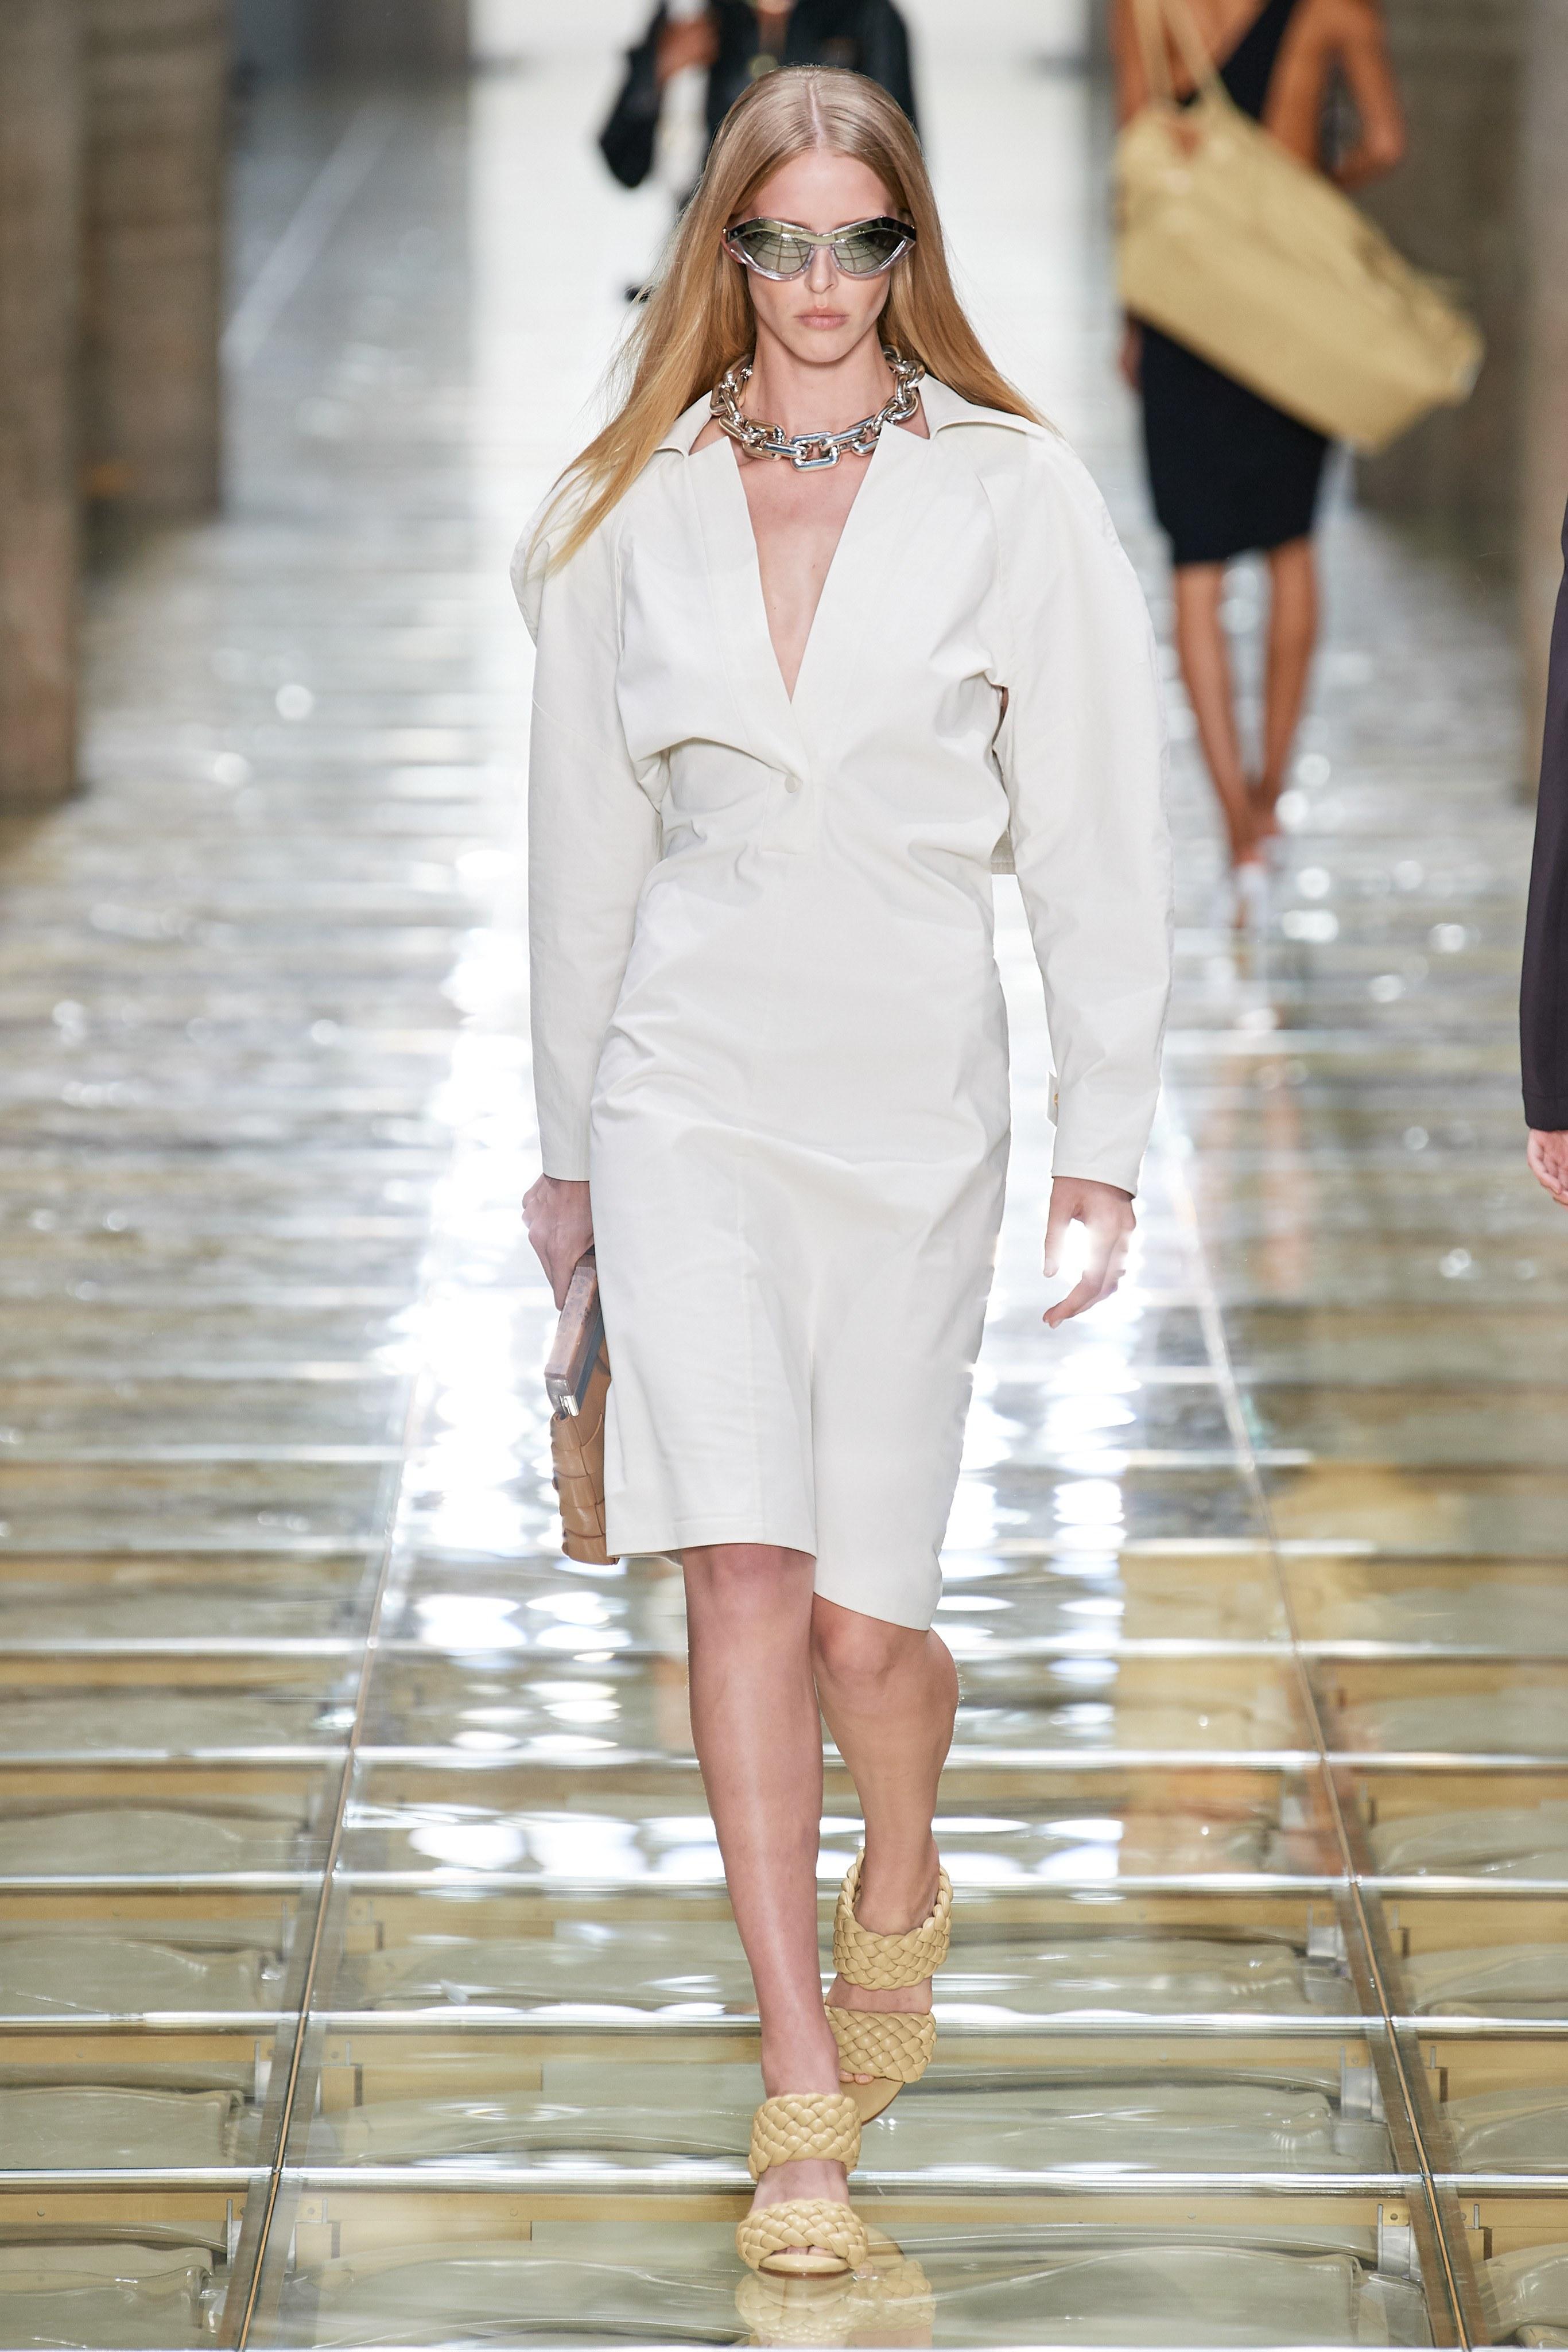 dây chuyền xích kim loại to bản - xu hướng thời trang xuân hè 2020